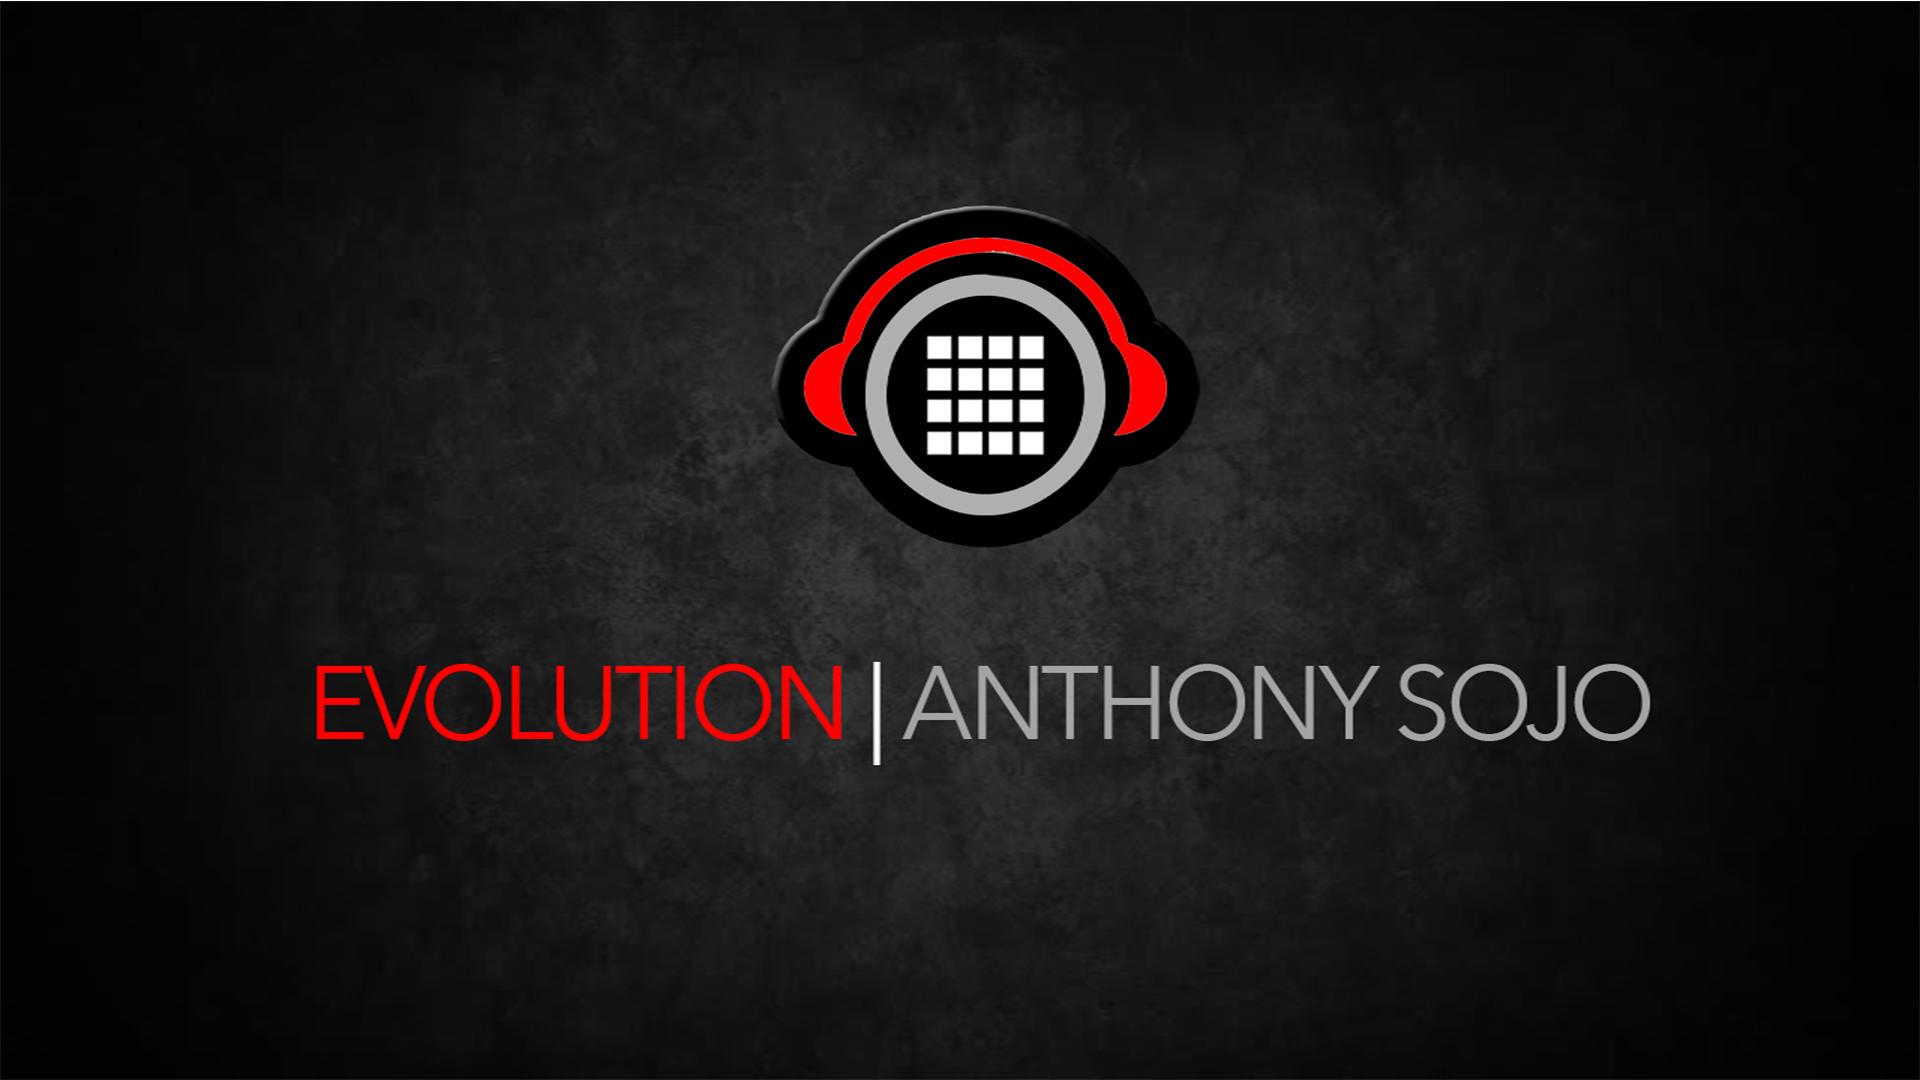 Evolution_anthony_sojo